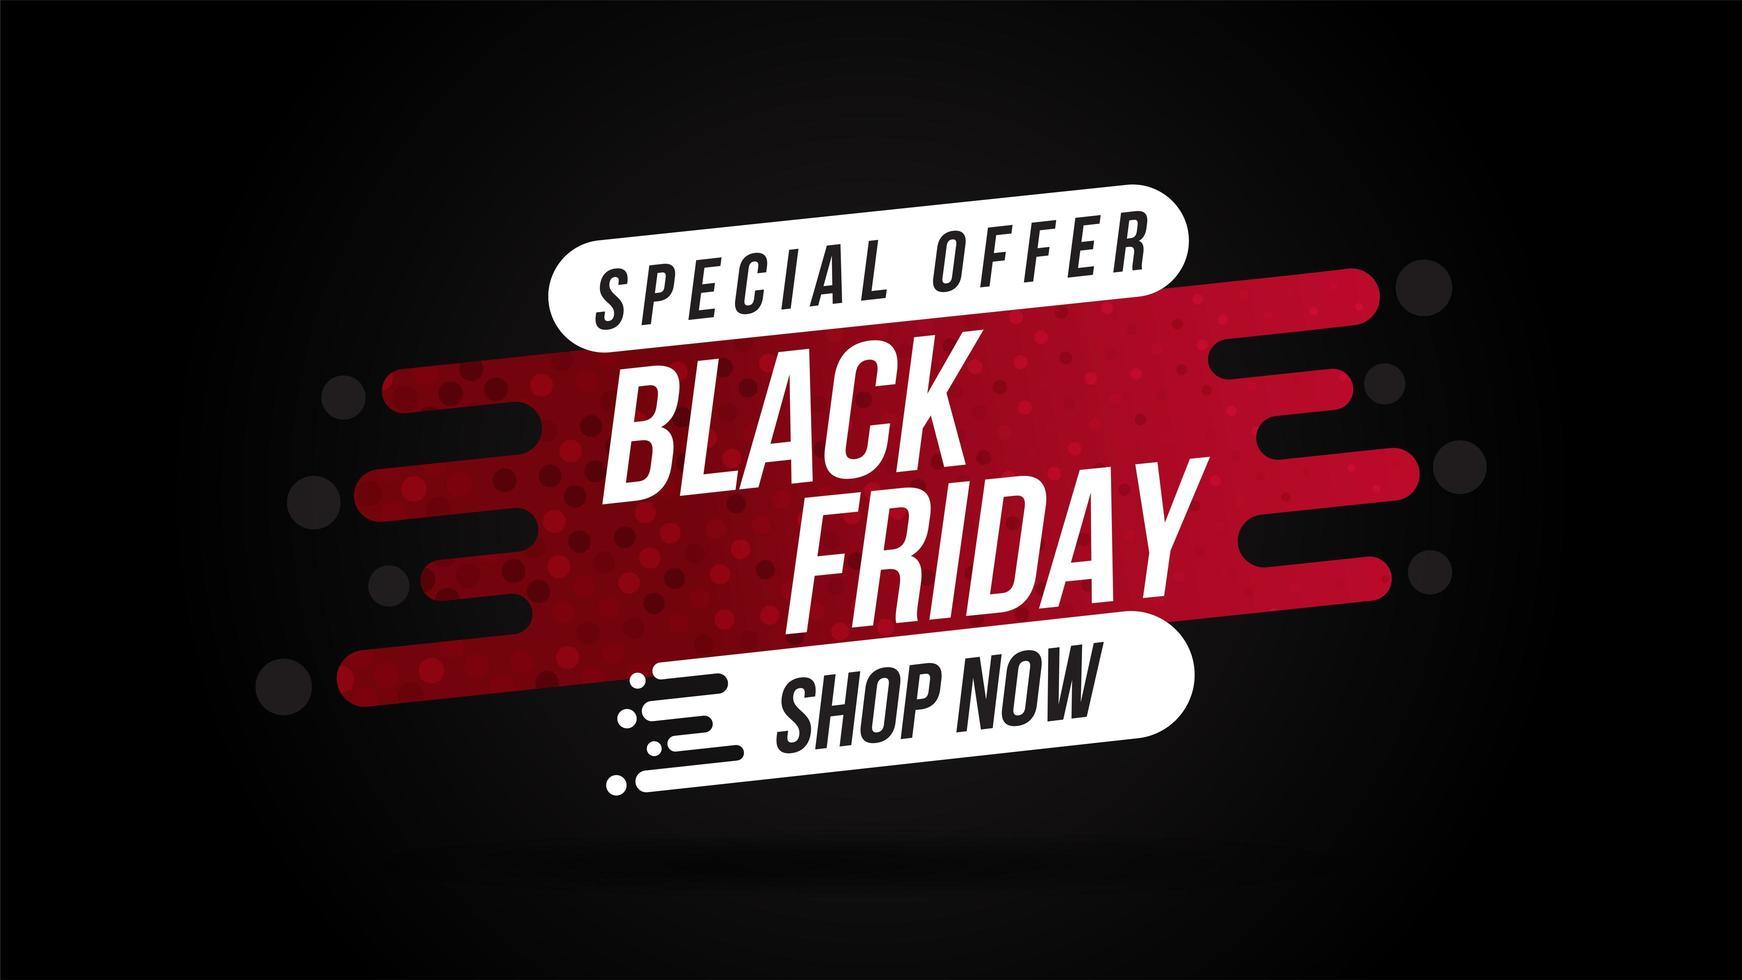 zwarte vrijdag verkoop banner in rood en zwart vector